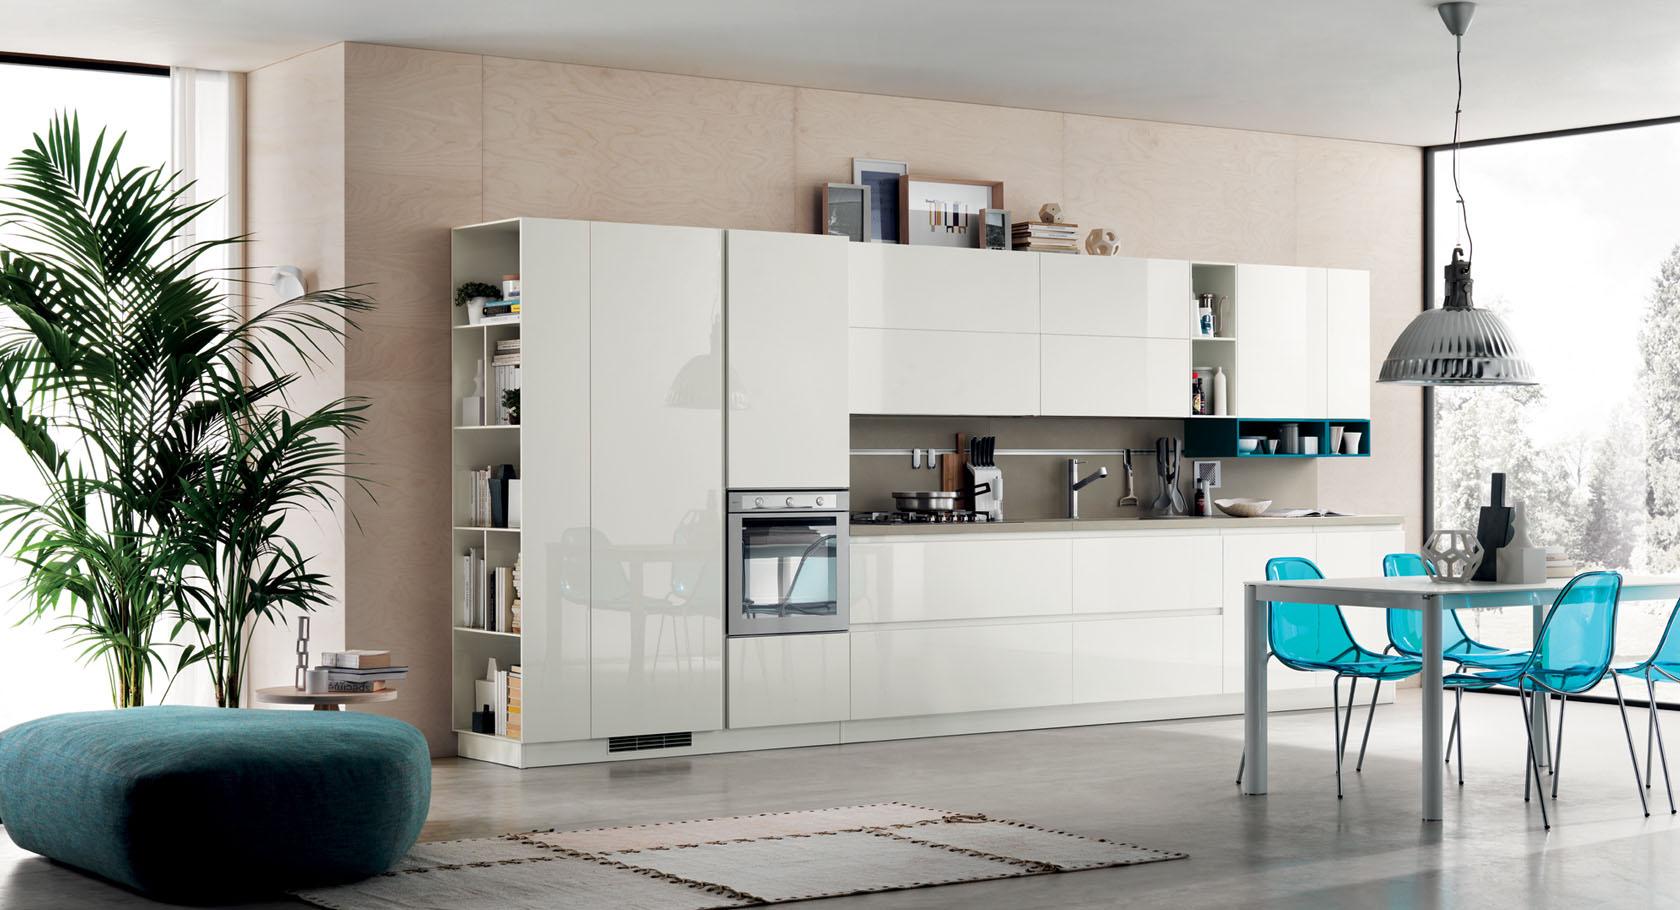 Stunning Cucine Scavolini Moderne 2014 Contemporary - Ideas & Design ...